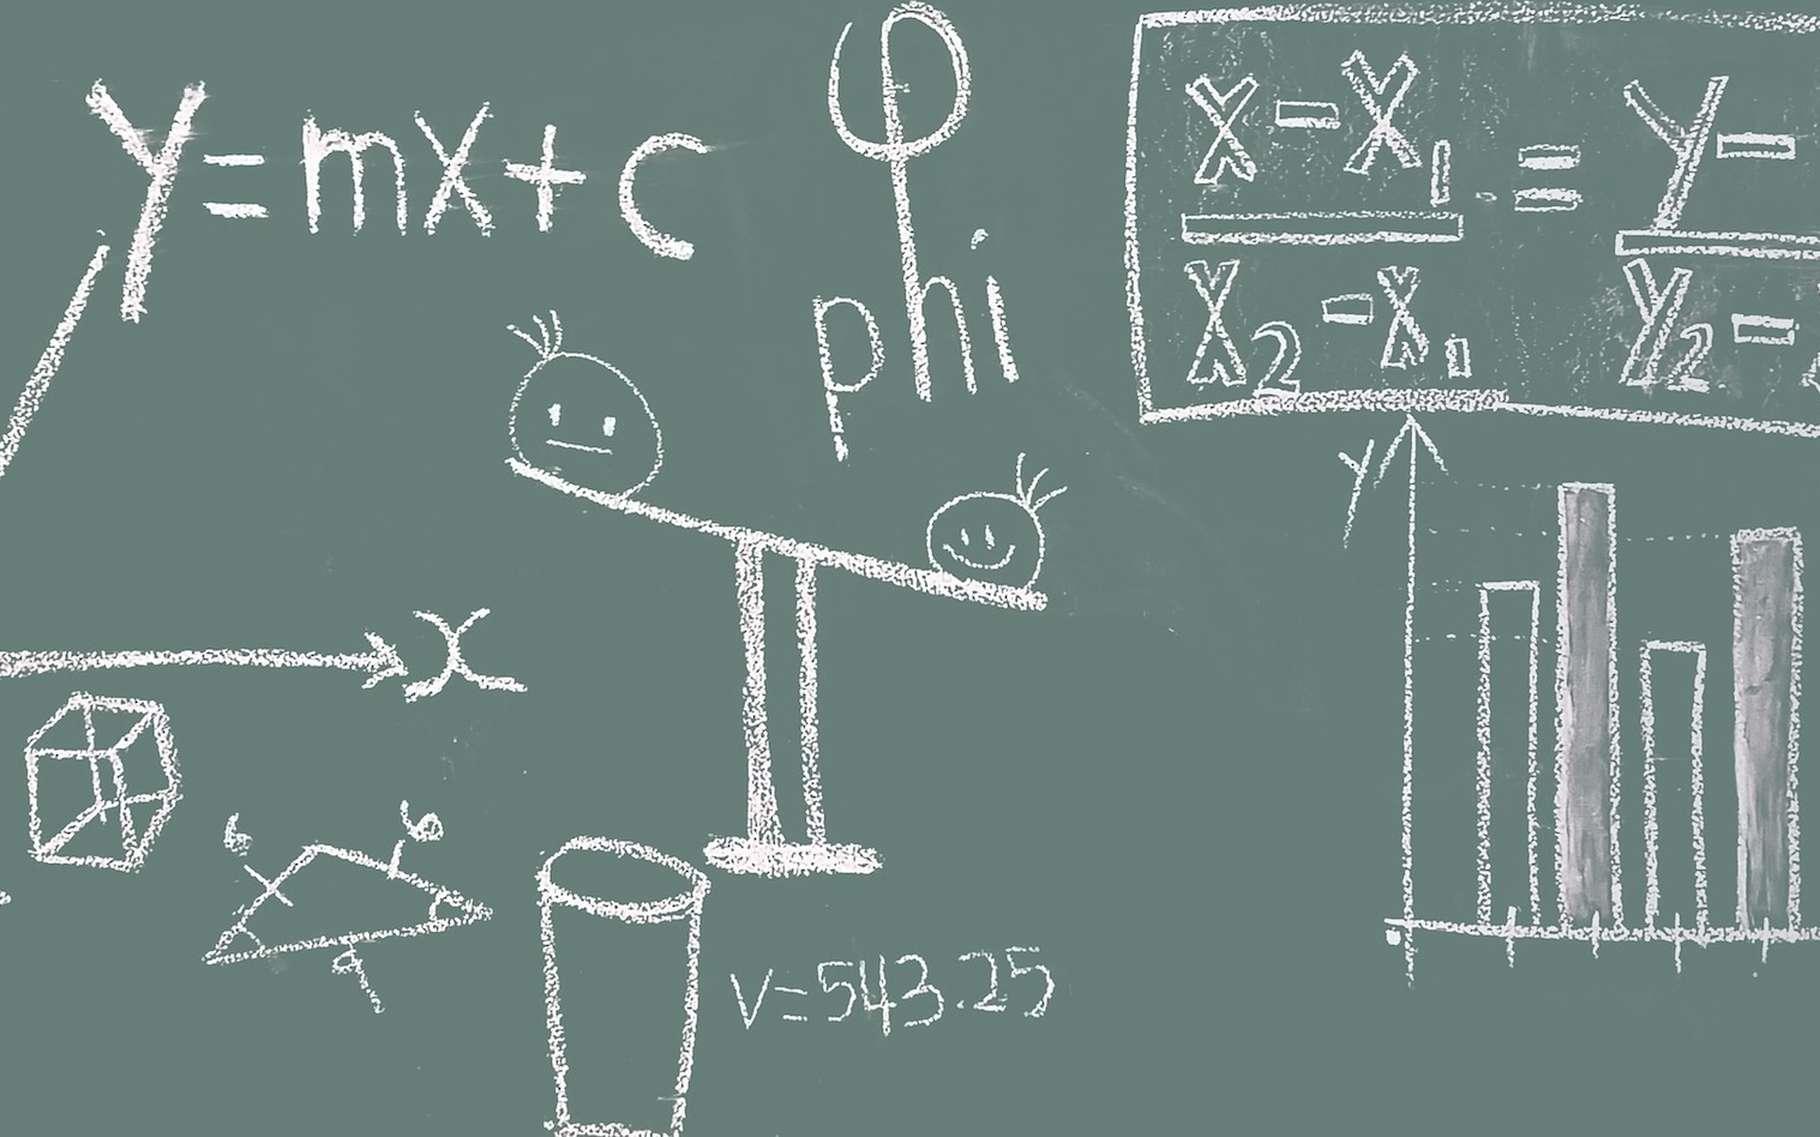 Des chercheurs de l'université ont étudié les impacts que peuvent avoir nos connaissances en mathématiques sur notre vie quotidienne. Leur conclusion : les maths, c'est aussi bon pour la santé! © Pixapopz, Pixabay, CC0 Public Domain